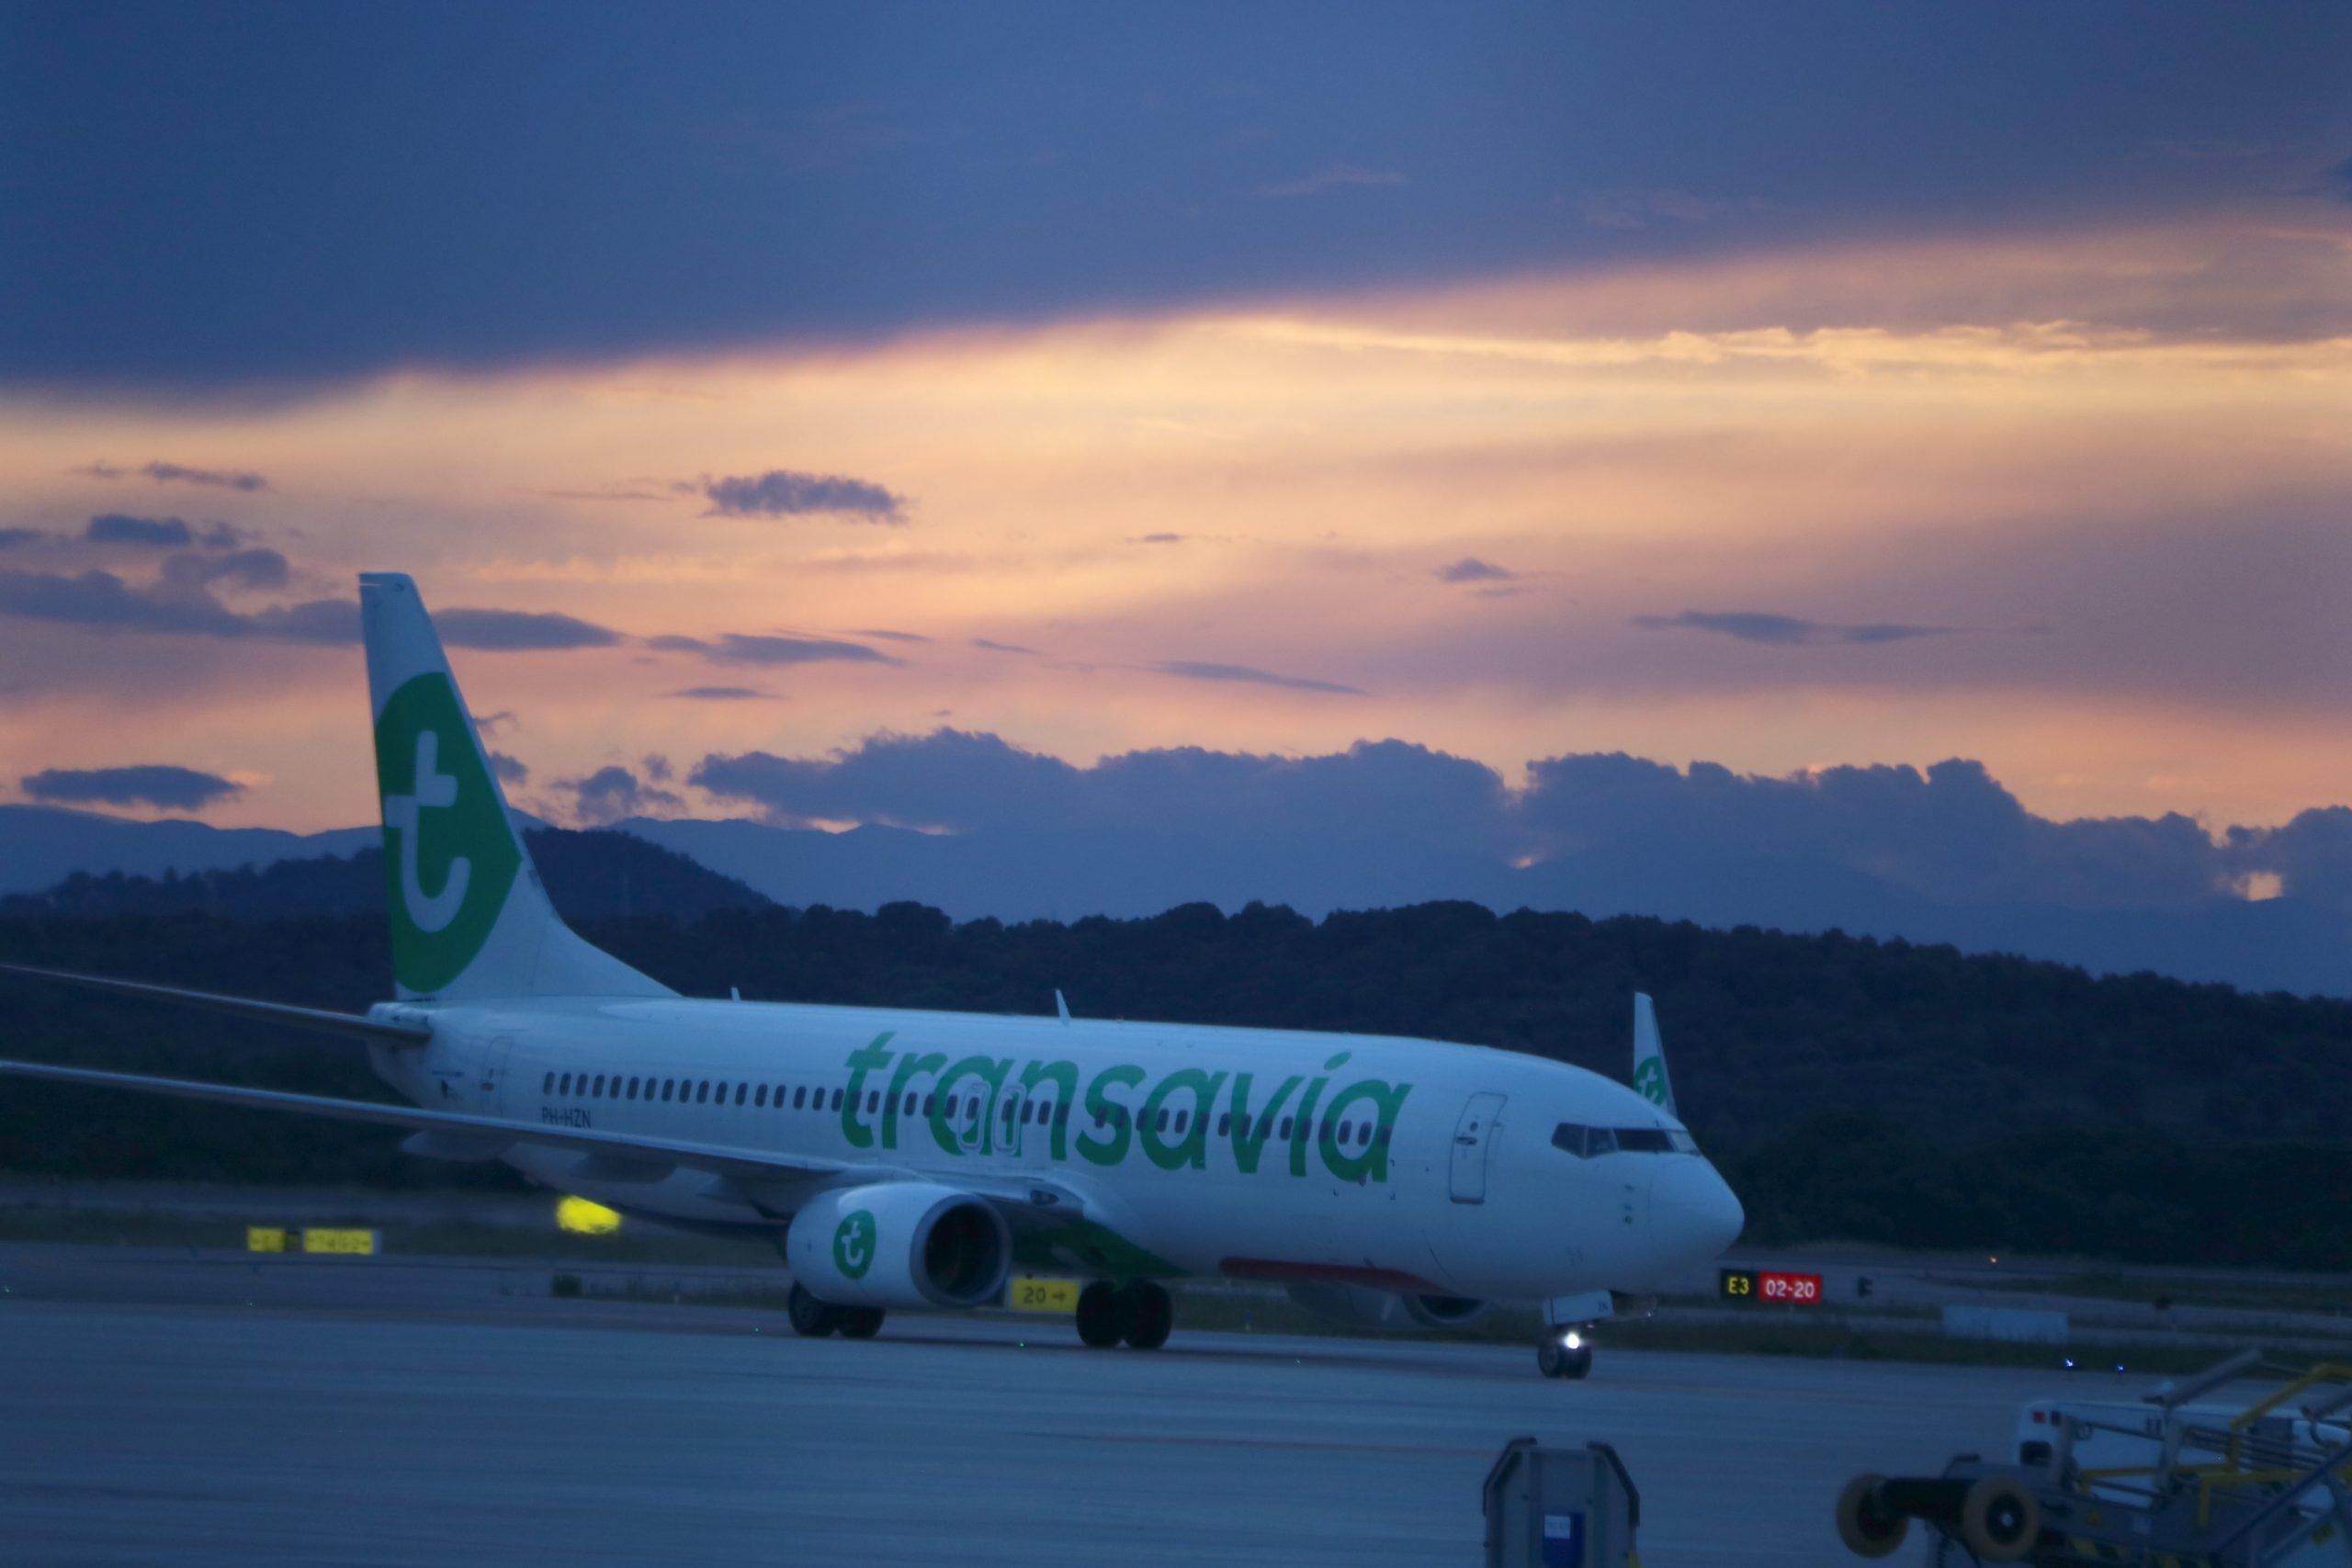 L'avió de Transavia després d'aterrar a l'aeroport de Girona Costa Brava aquest dissabte 29 de maig de 2021 / ACN